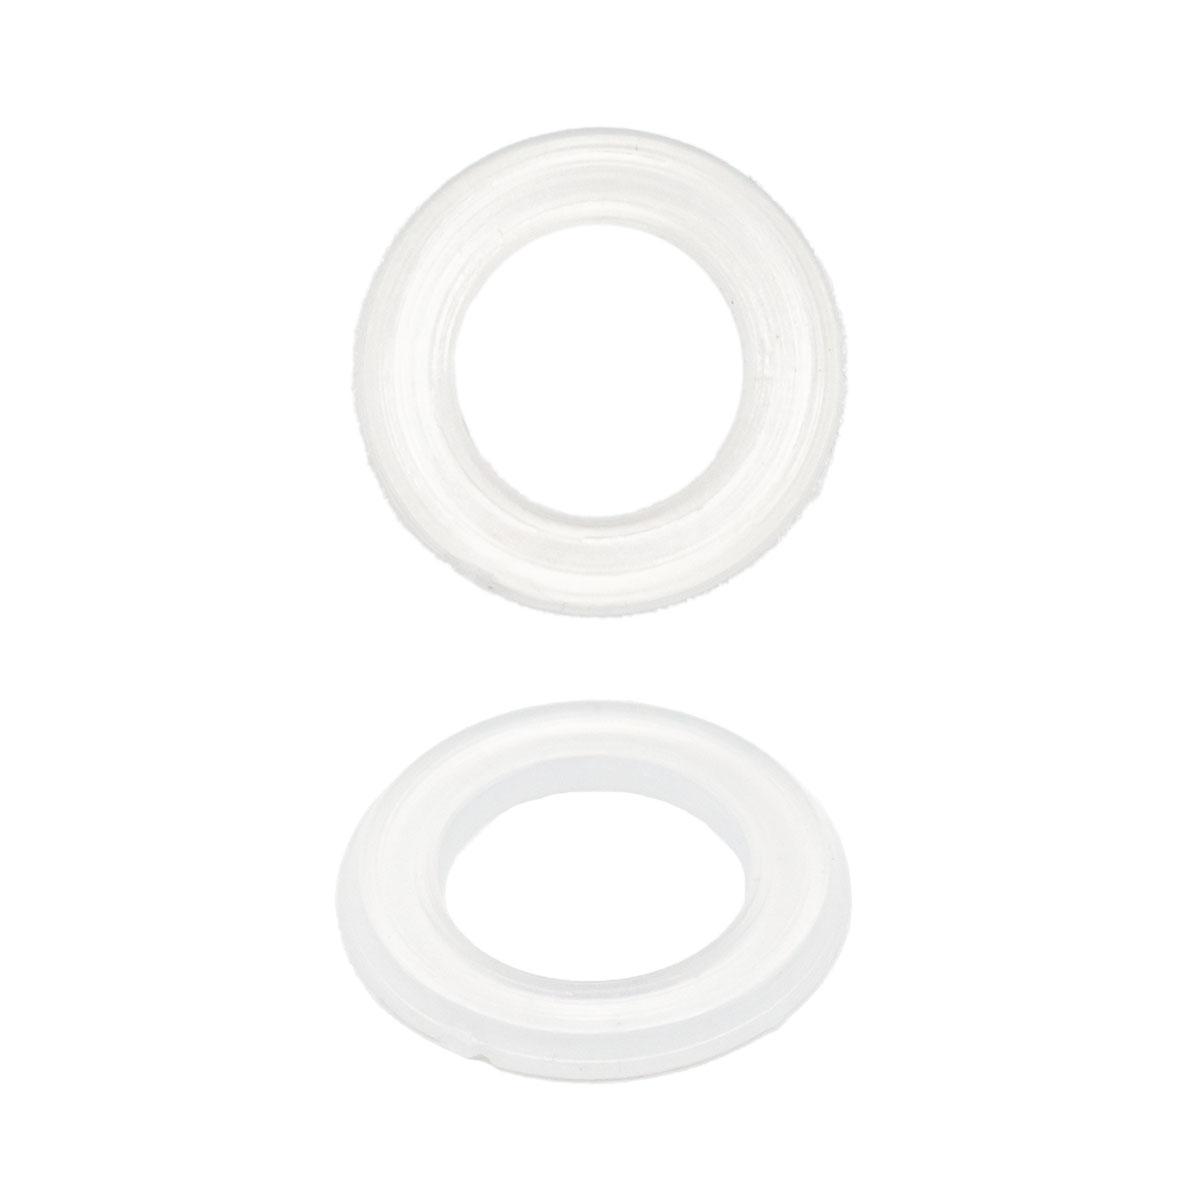 64777 Кольцо пласт. под люверс, д-5,5мм , д-6мм прозр.